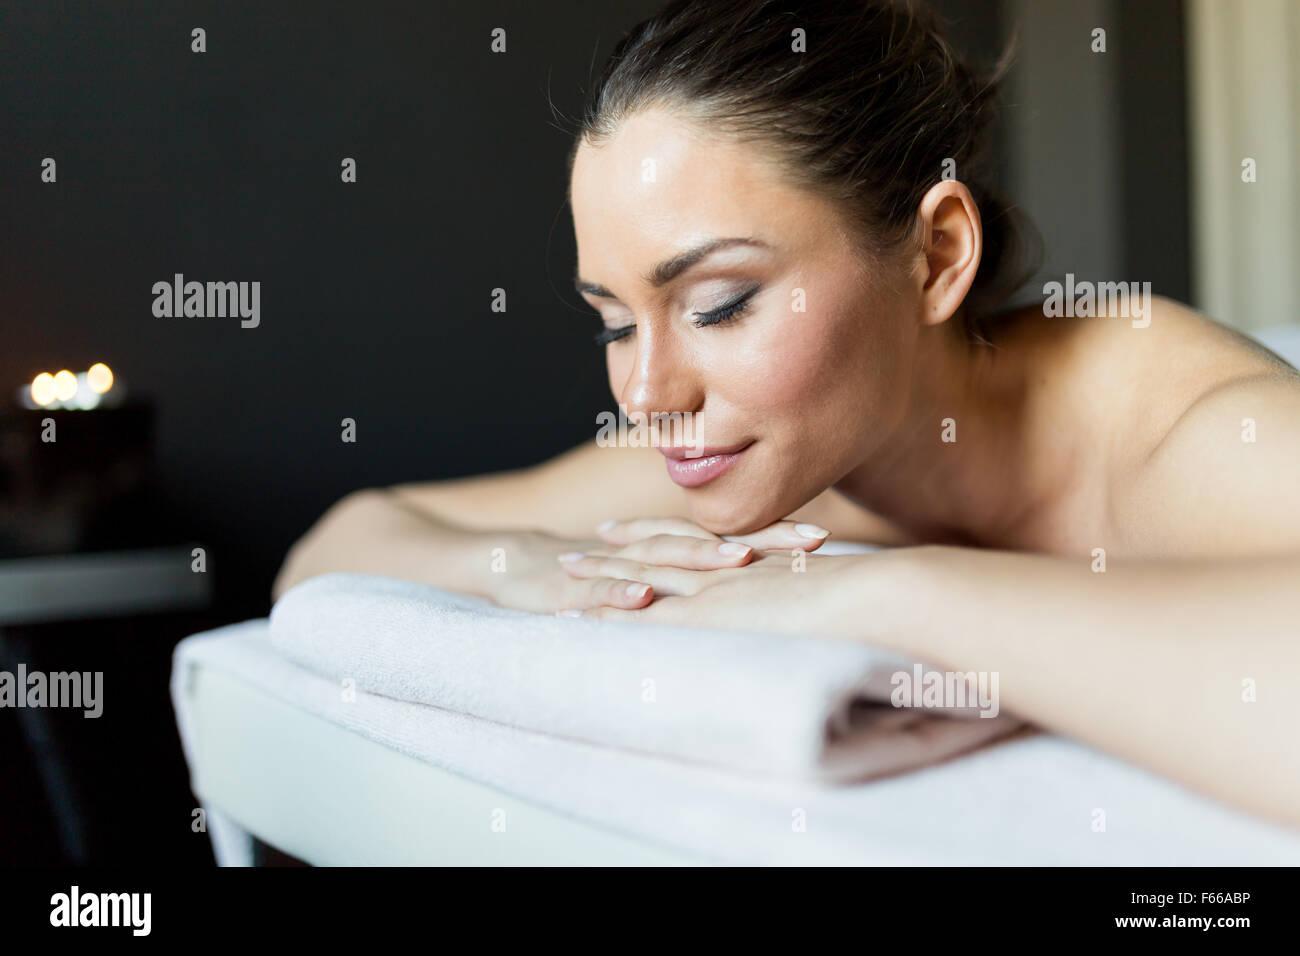 Porträt einer jungen und schönen Frau mit geschlossenen Augen auf einer Massageliege in einem dunklen Stockbild